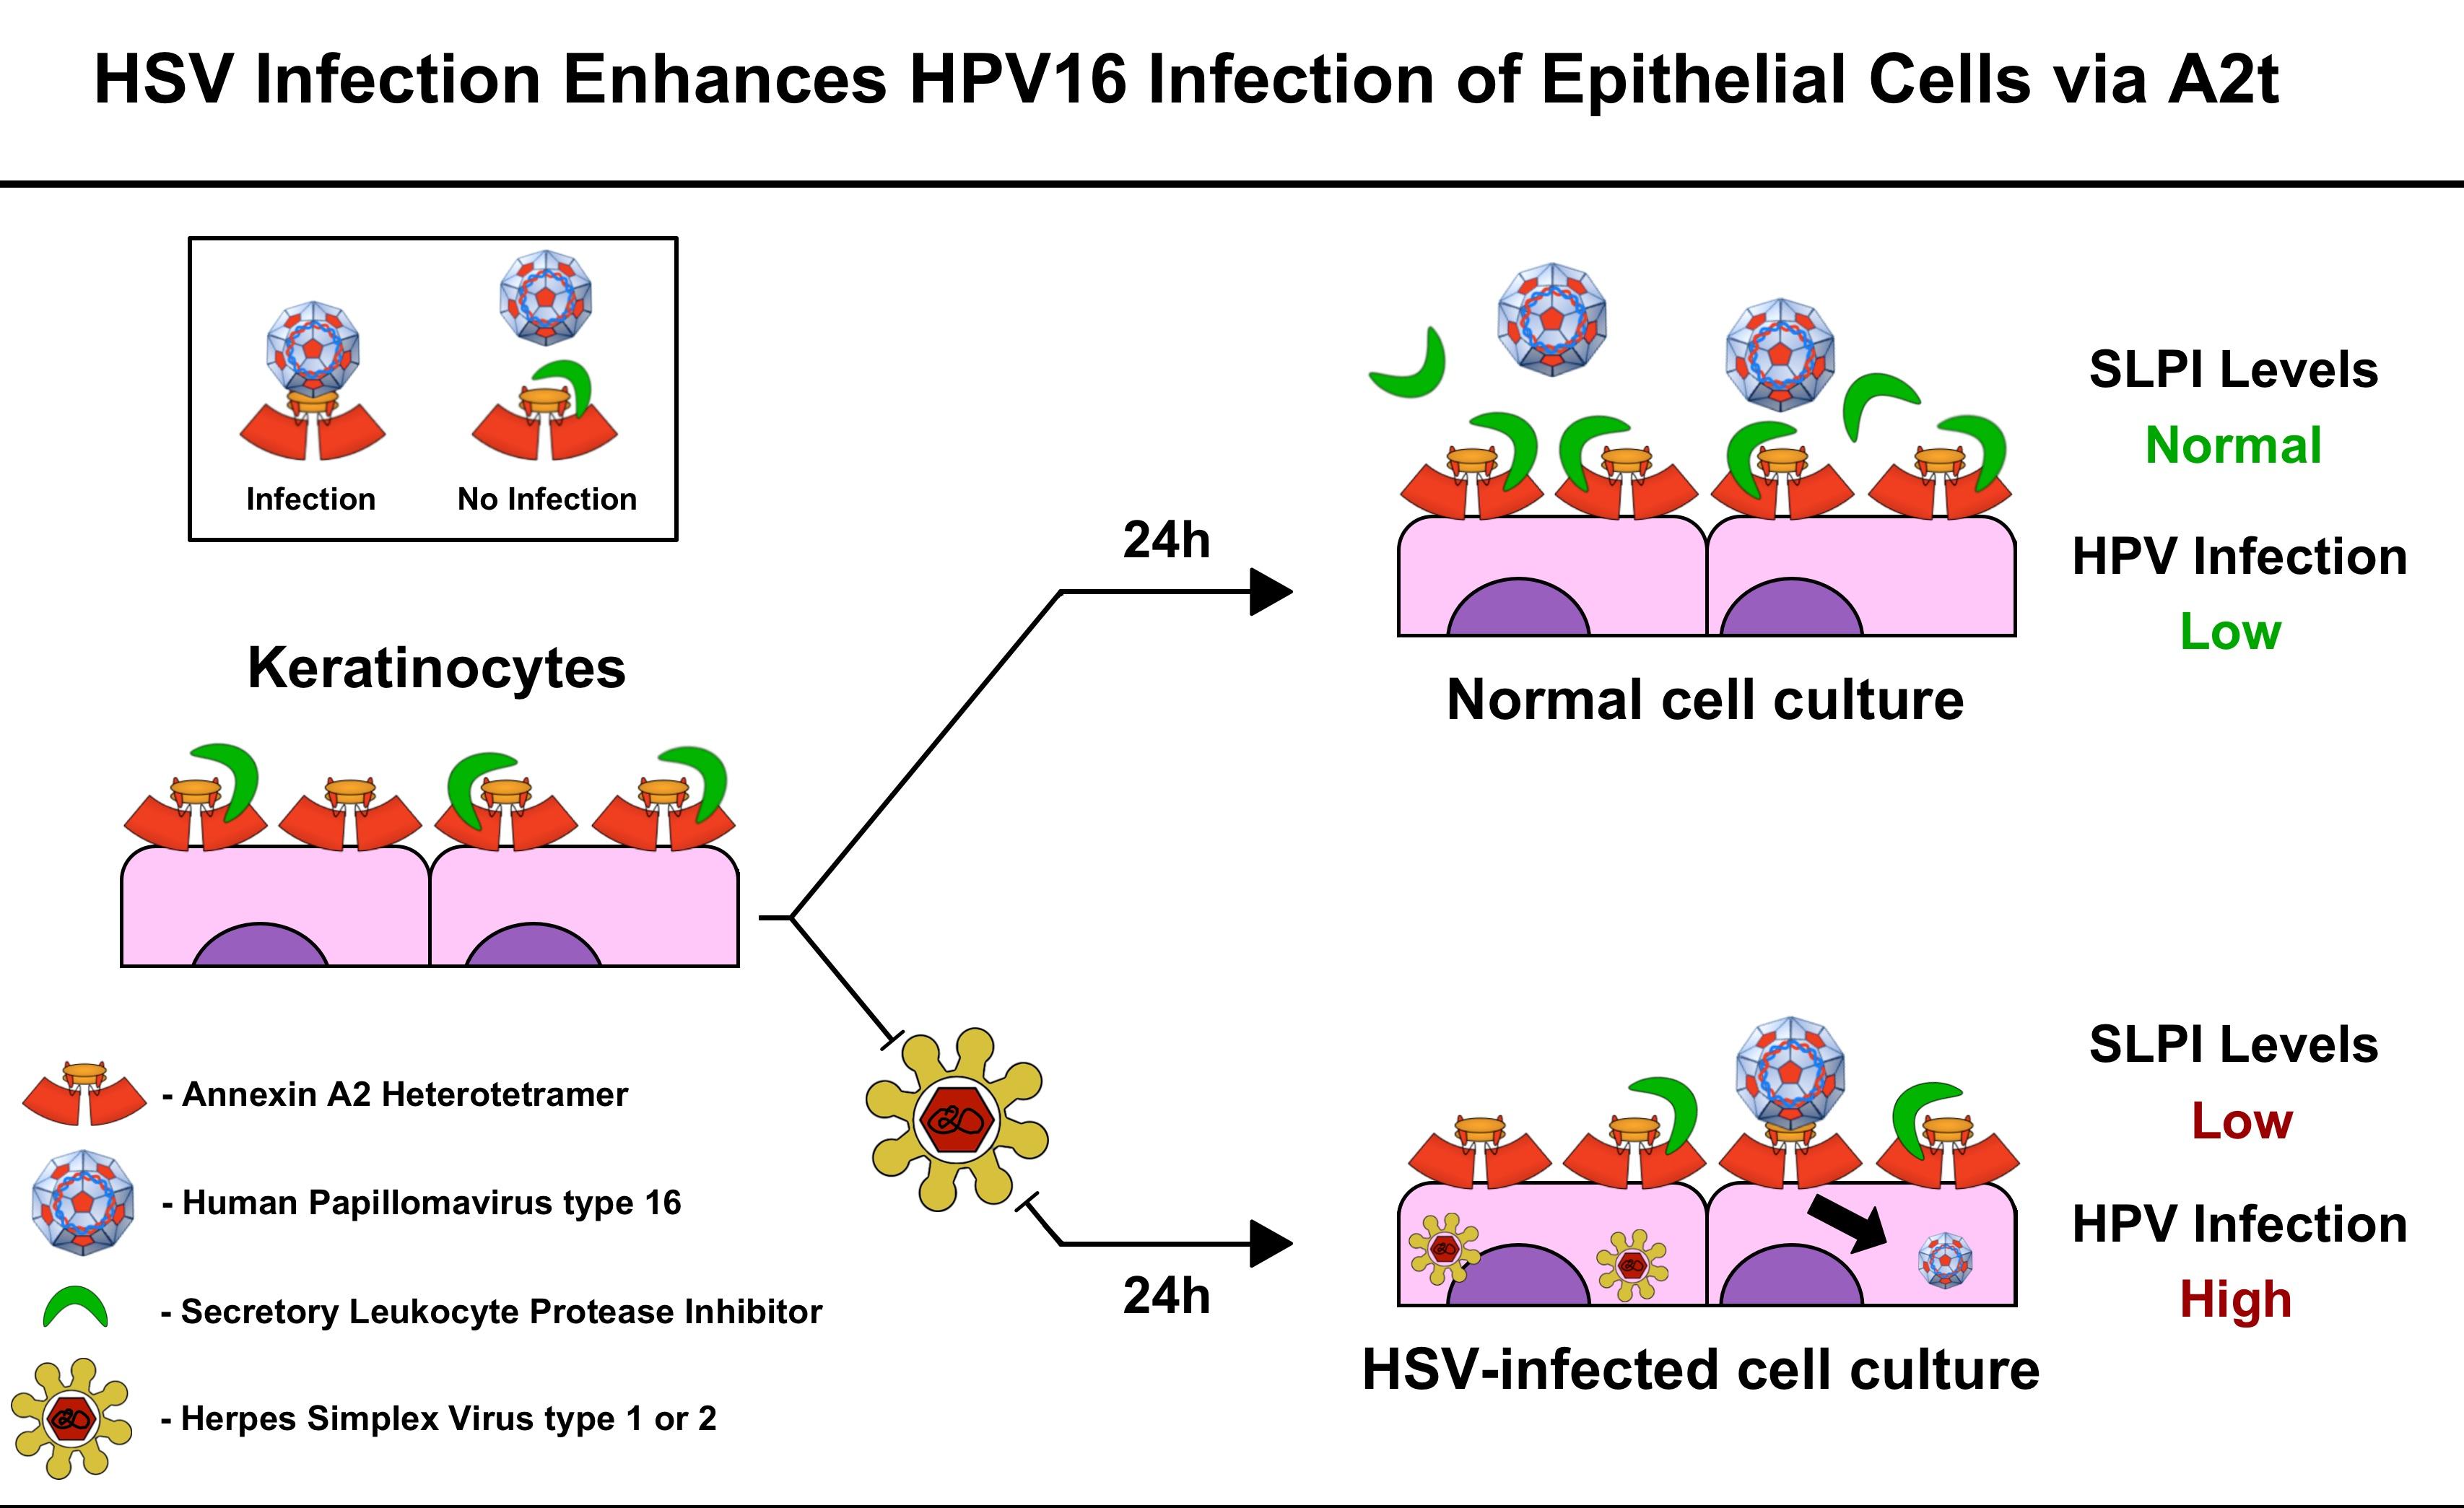 human papillomavirus infection or herpes